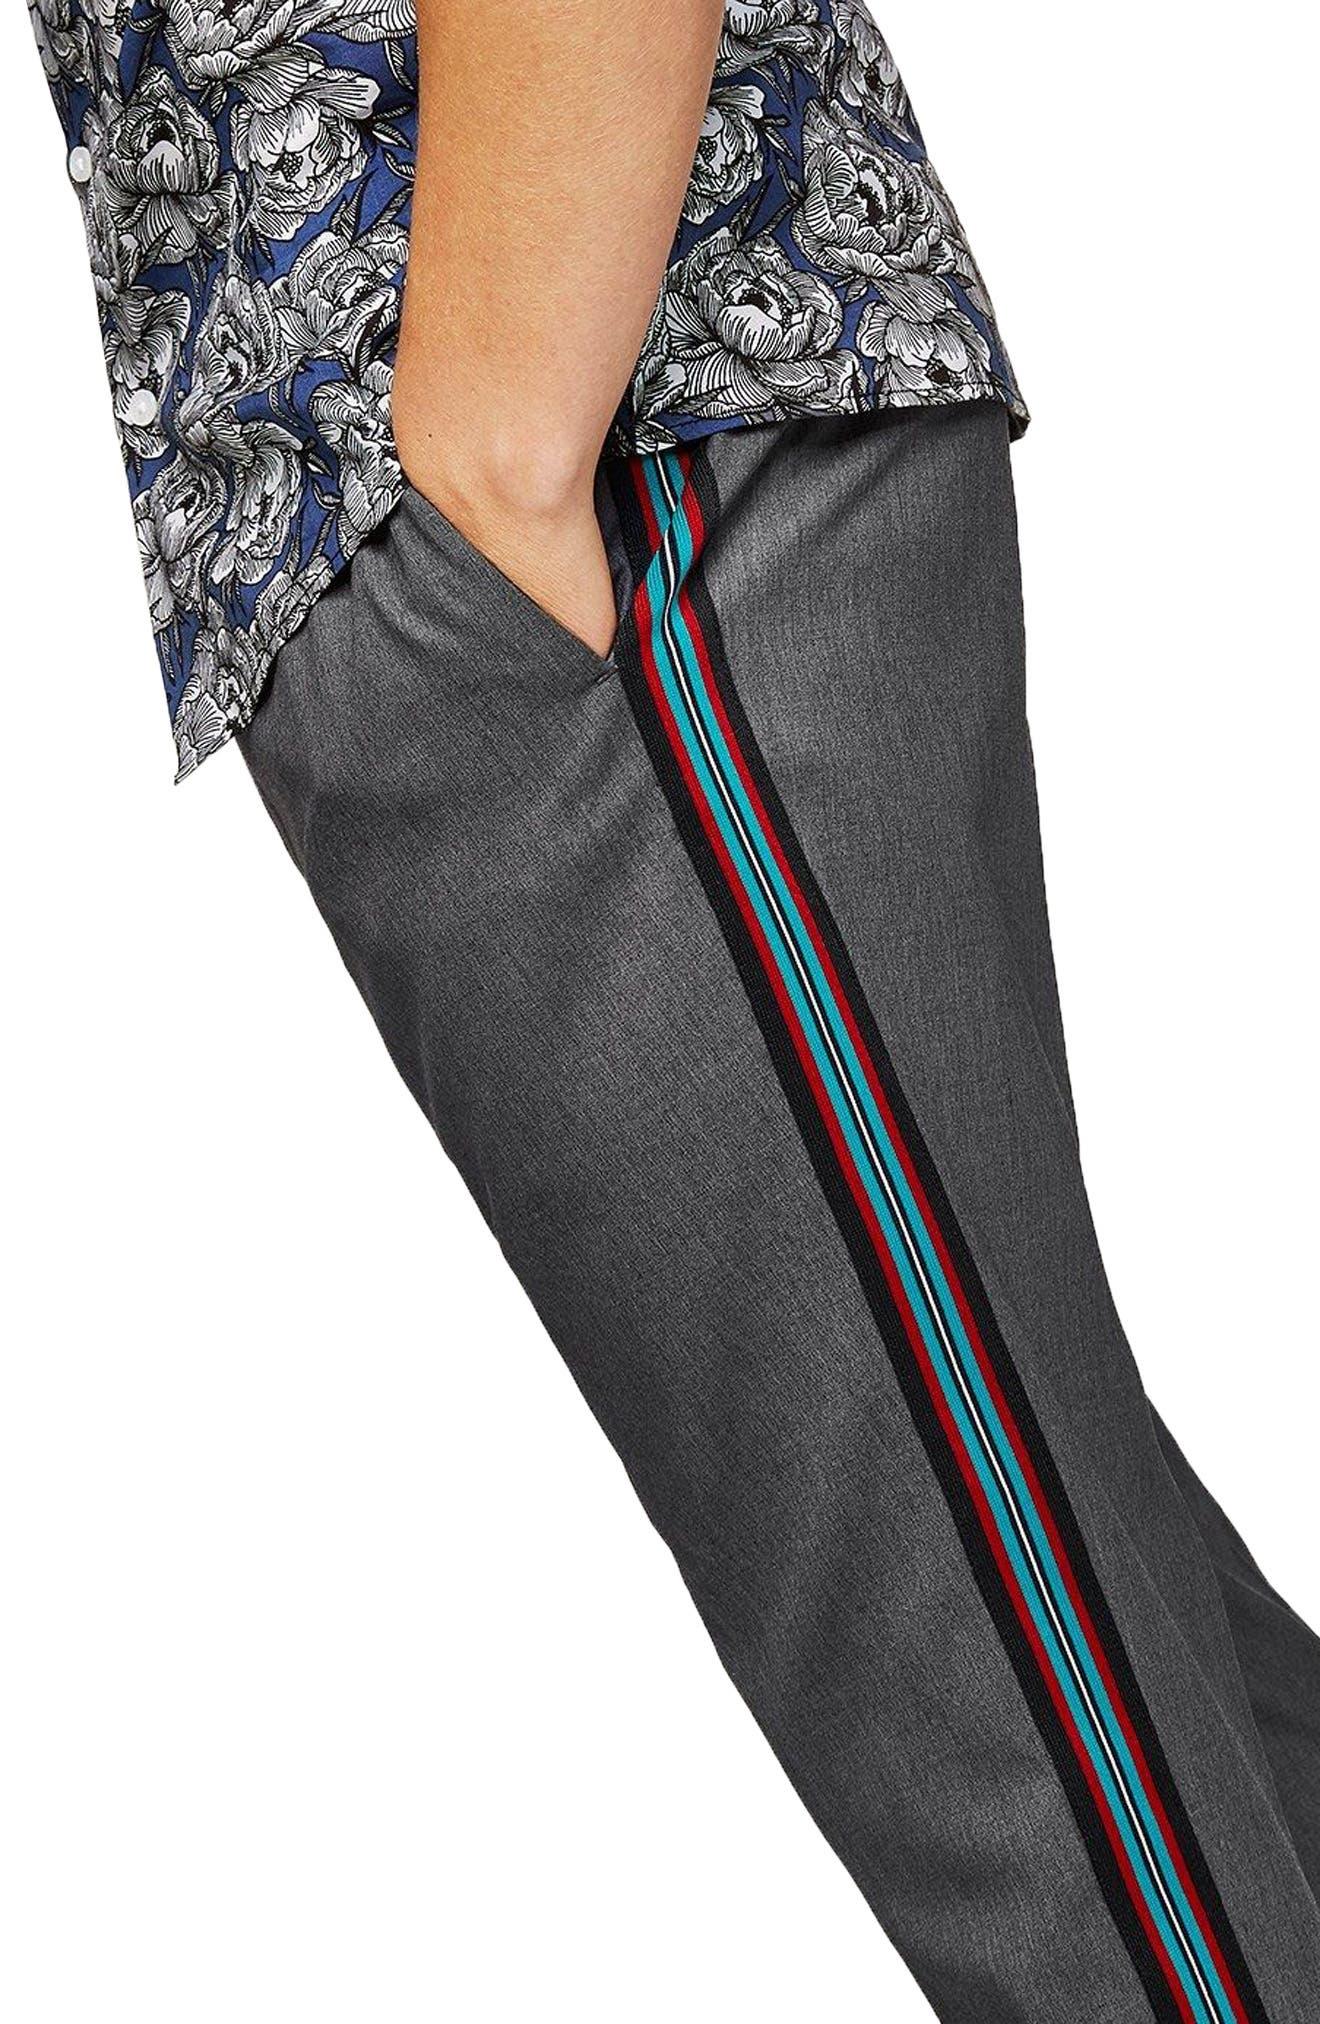 Mélange Slim Jogger Pants,                             Alternate thumbnail 3, color,                             020